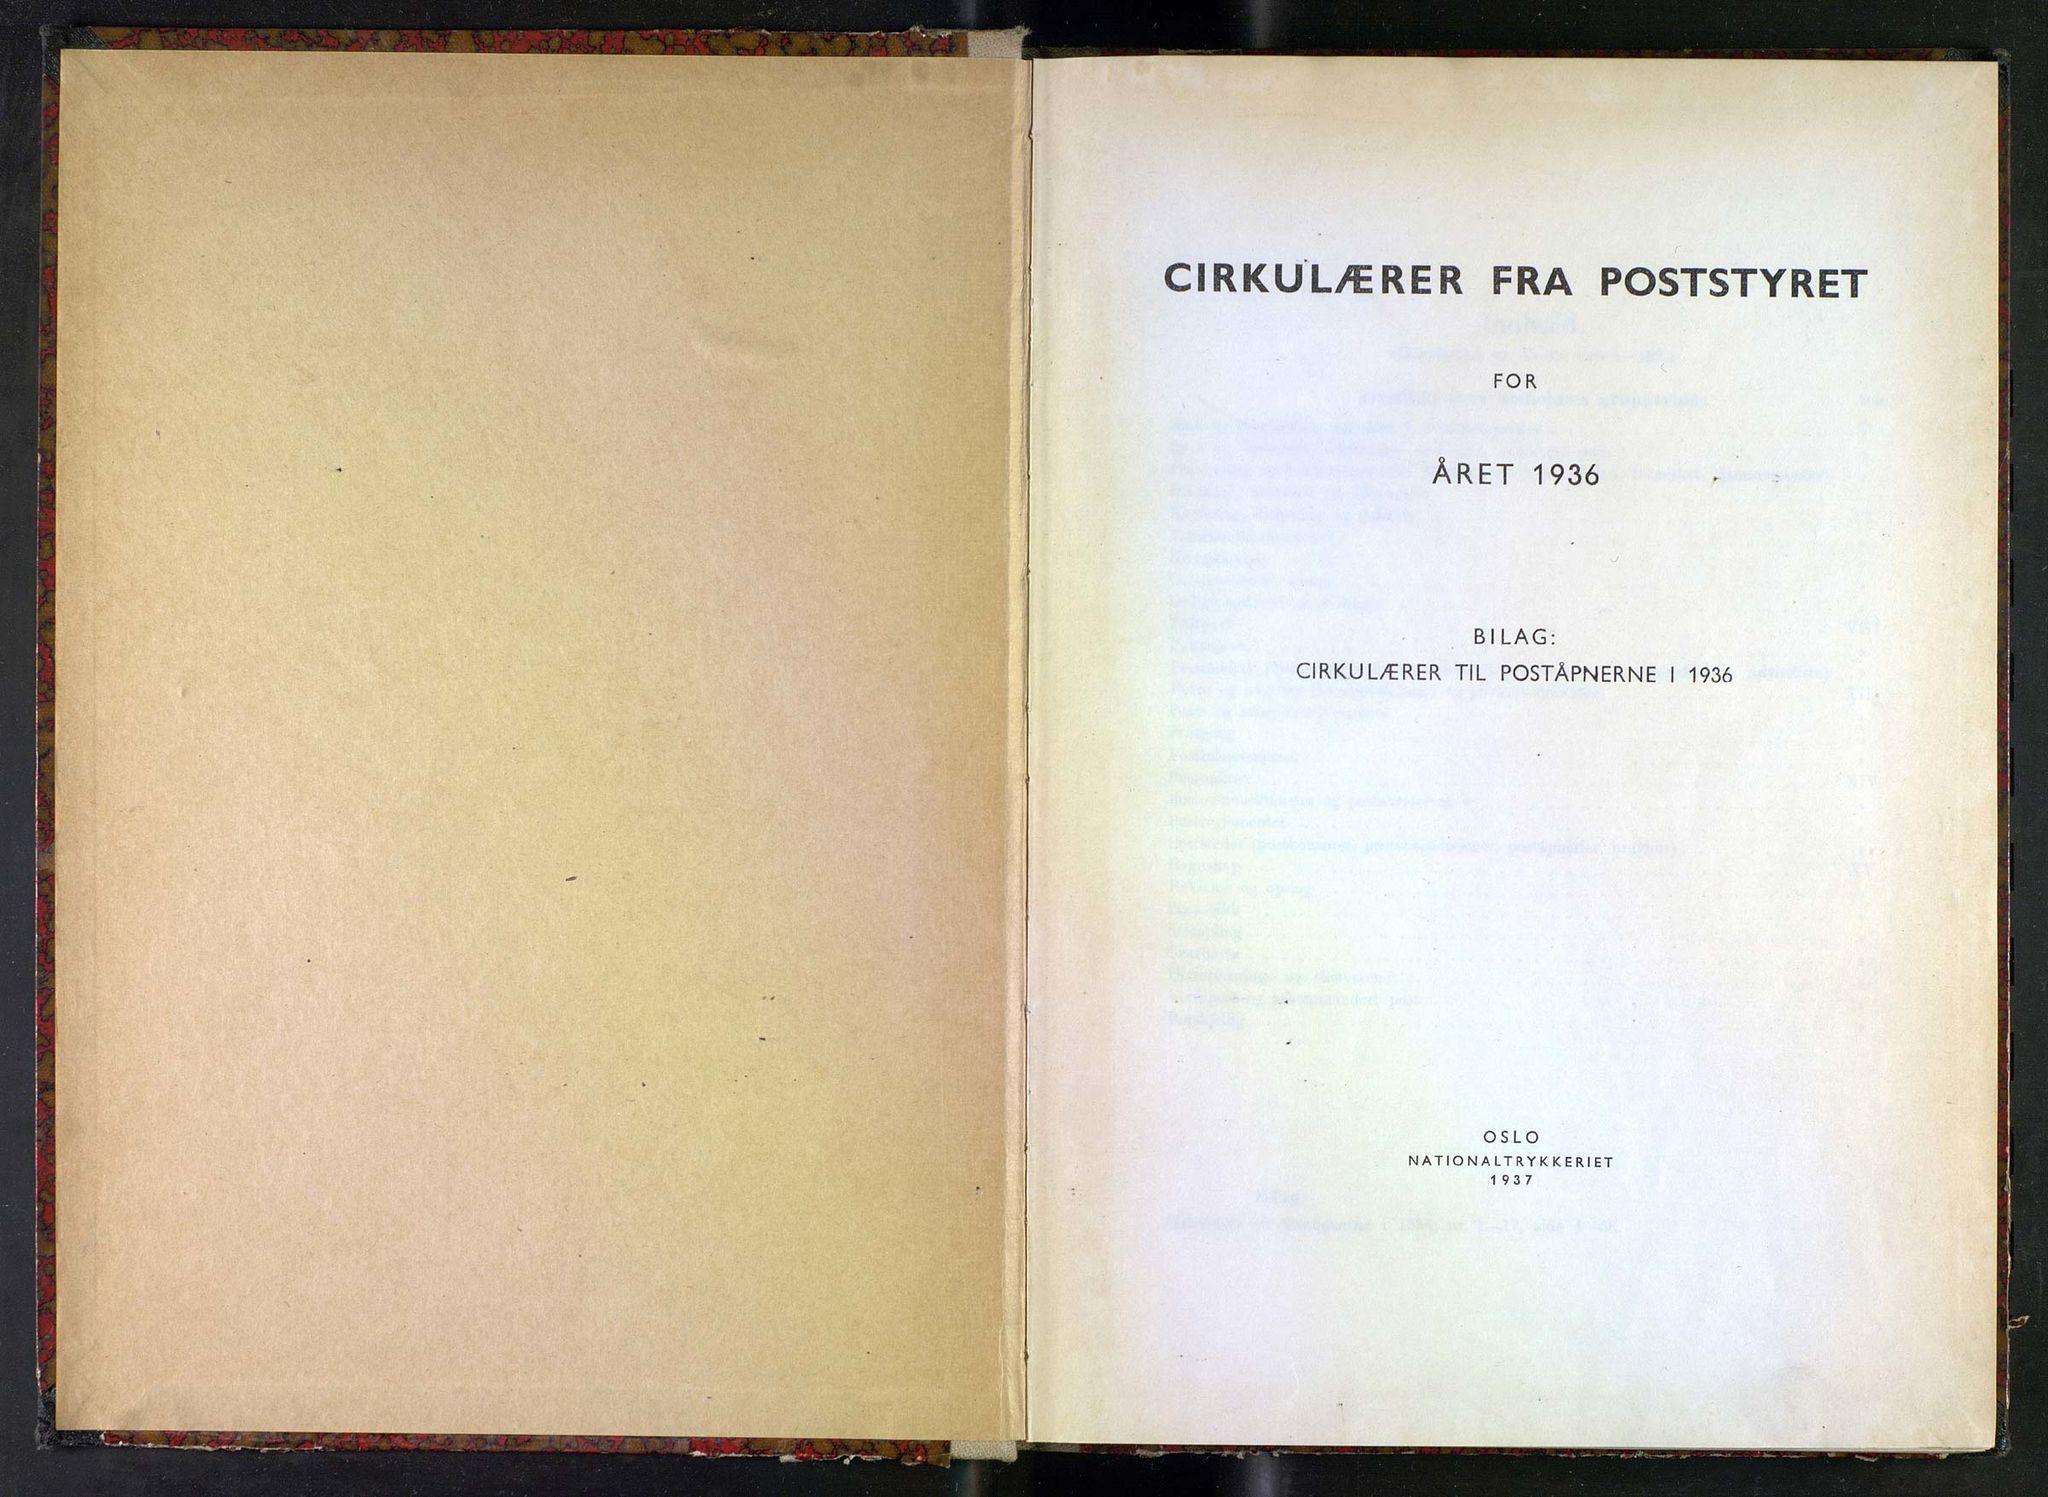 NOPO, Norges Postmuseums bibliotek, -/-: Sirkulærer fra Poststyret, 1936